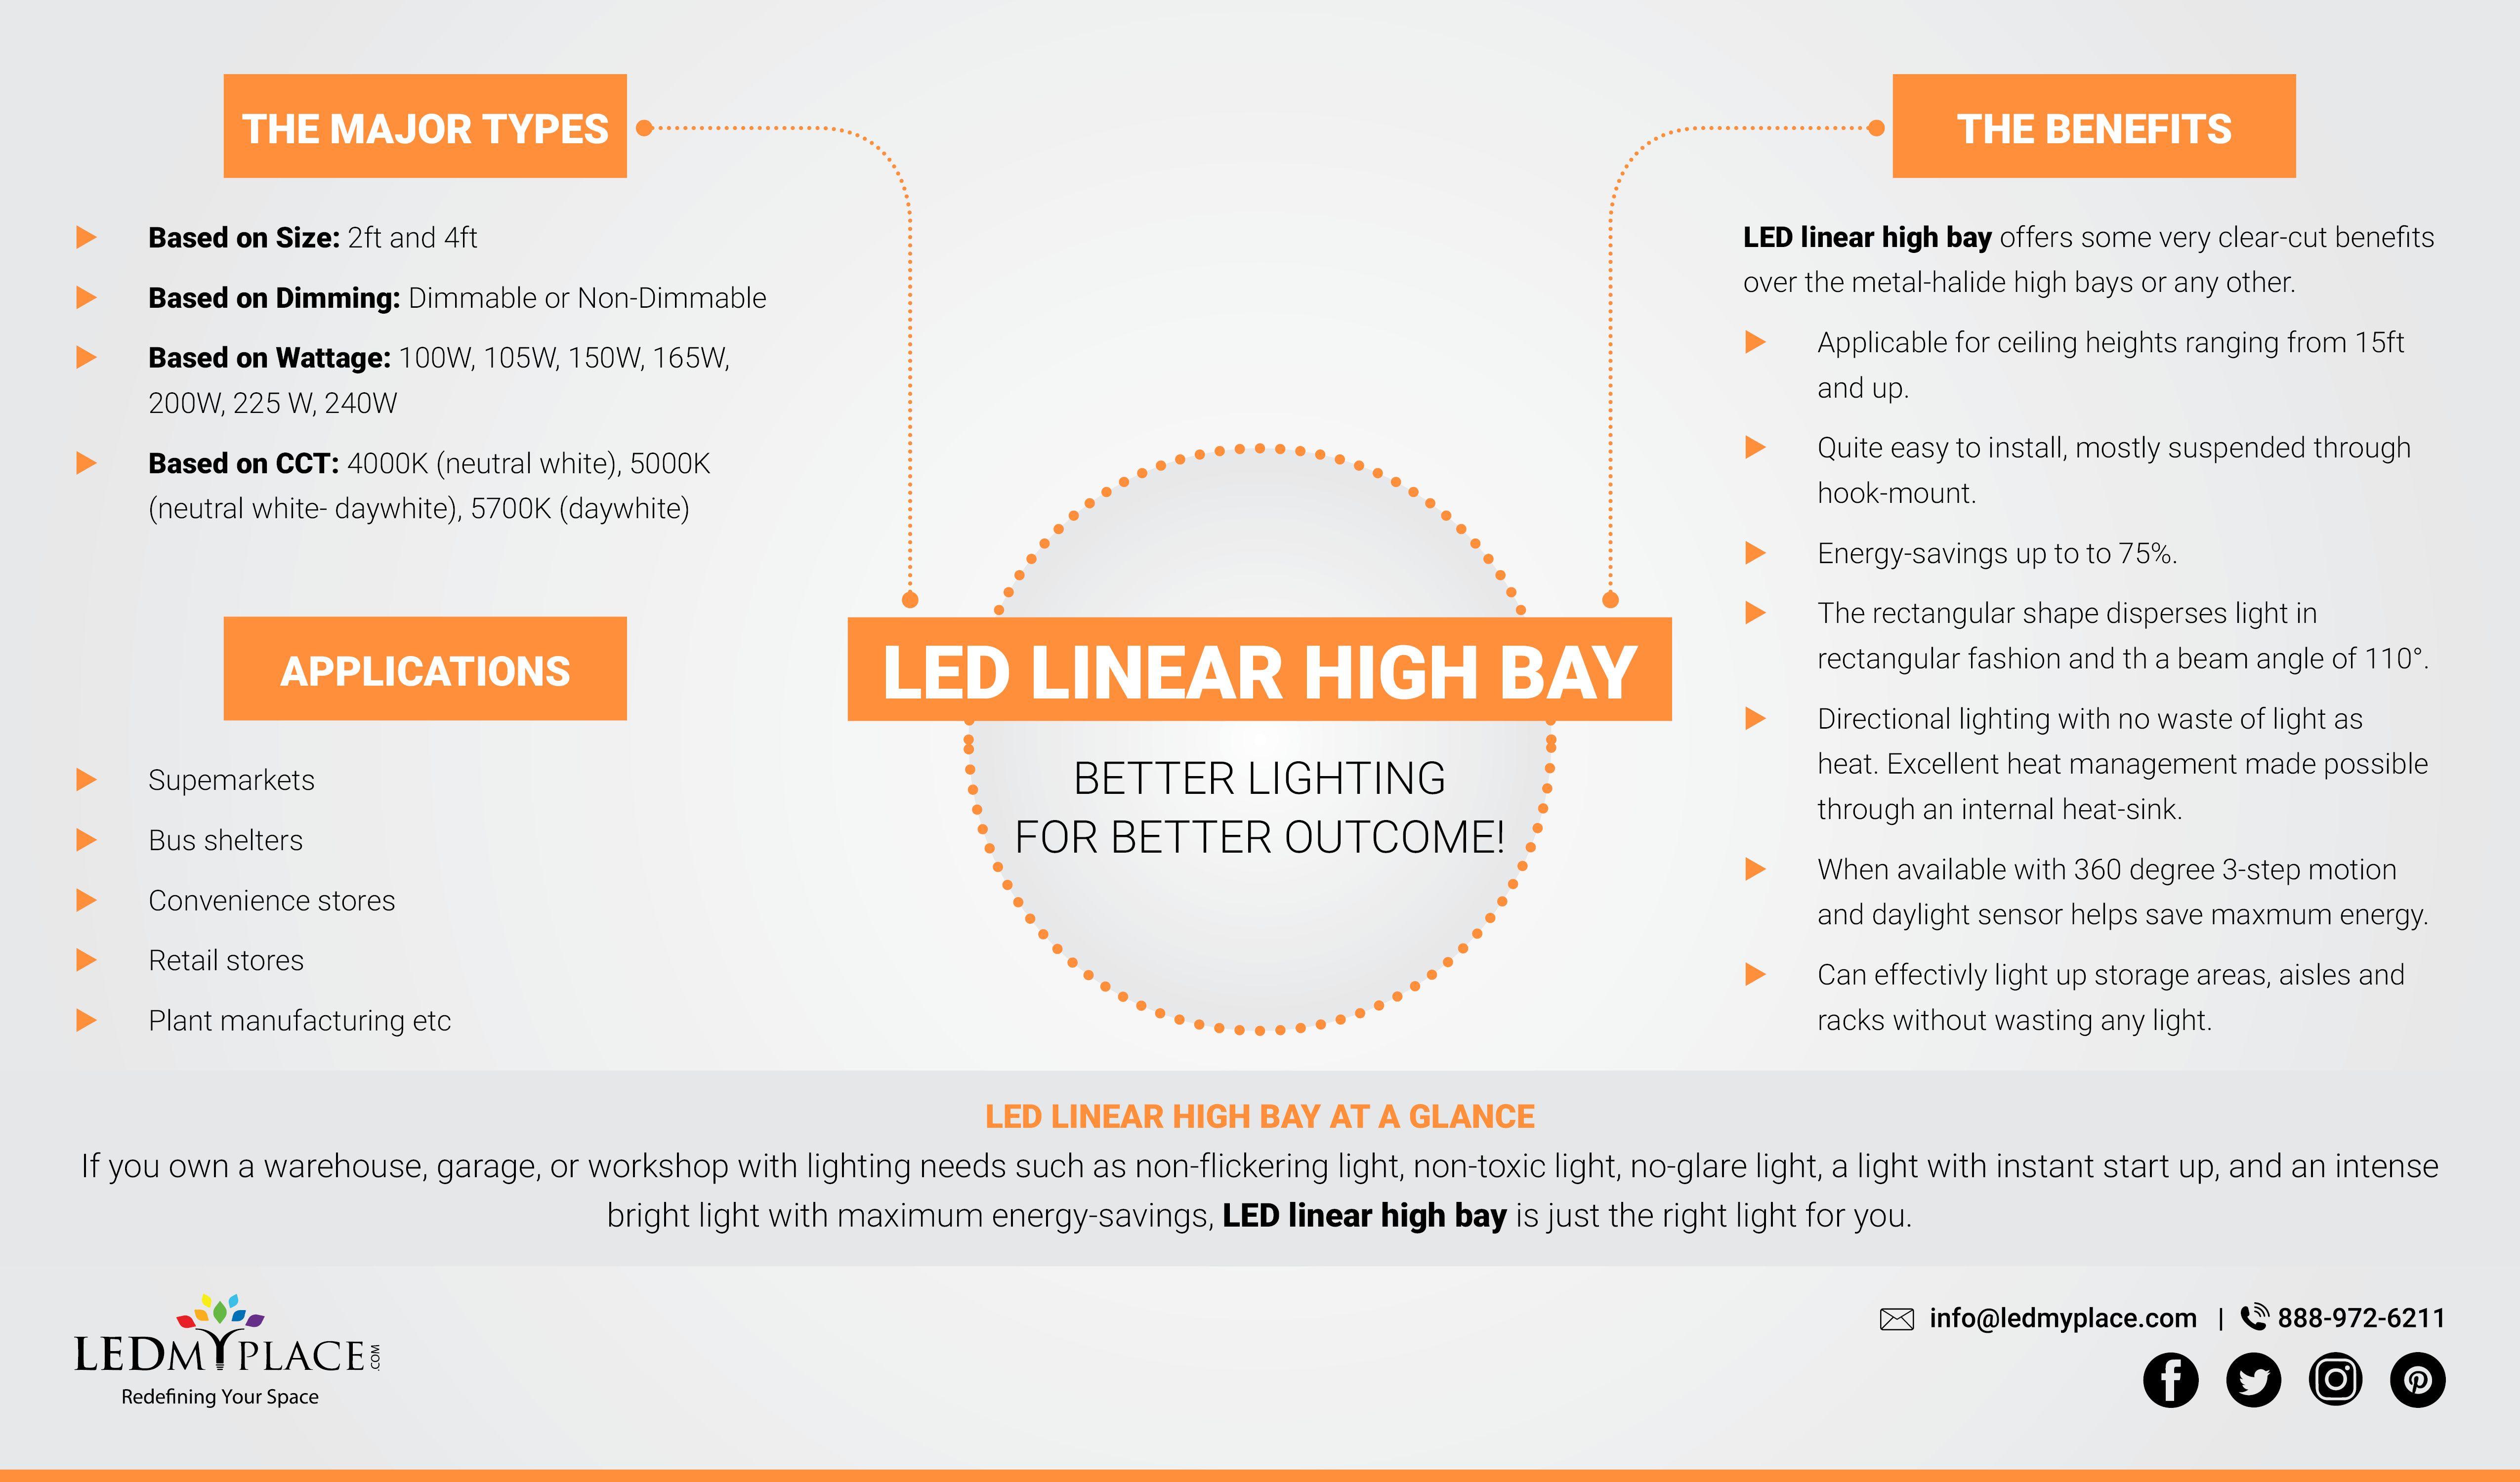 Led Linear High Bay Lights Better Lighting For Better Outcome High Bay Led Lighting High Bay Lights Led